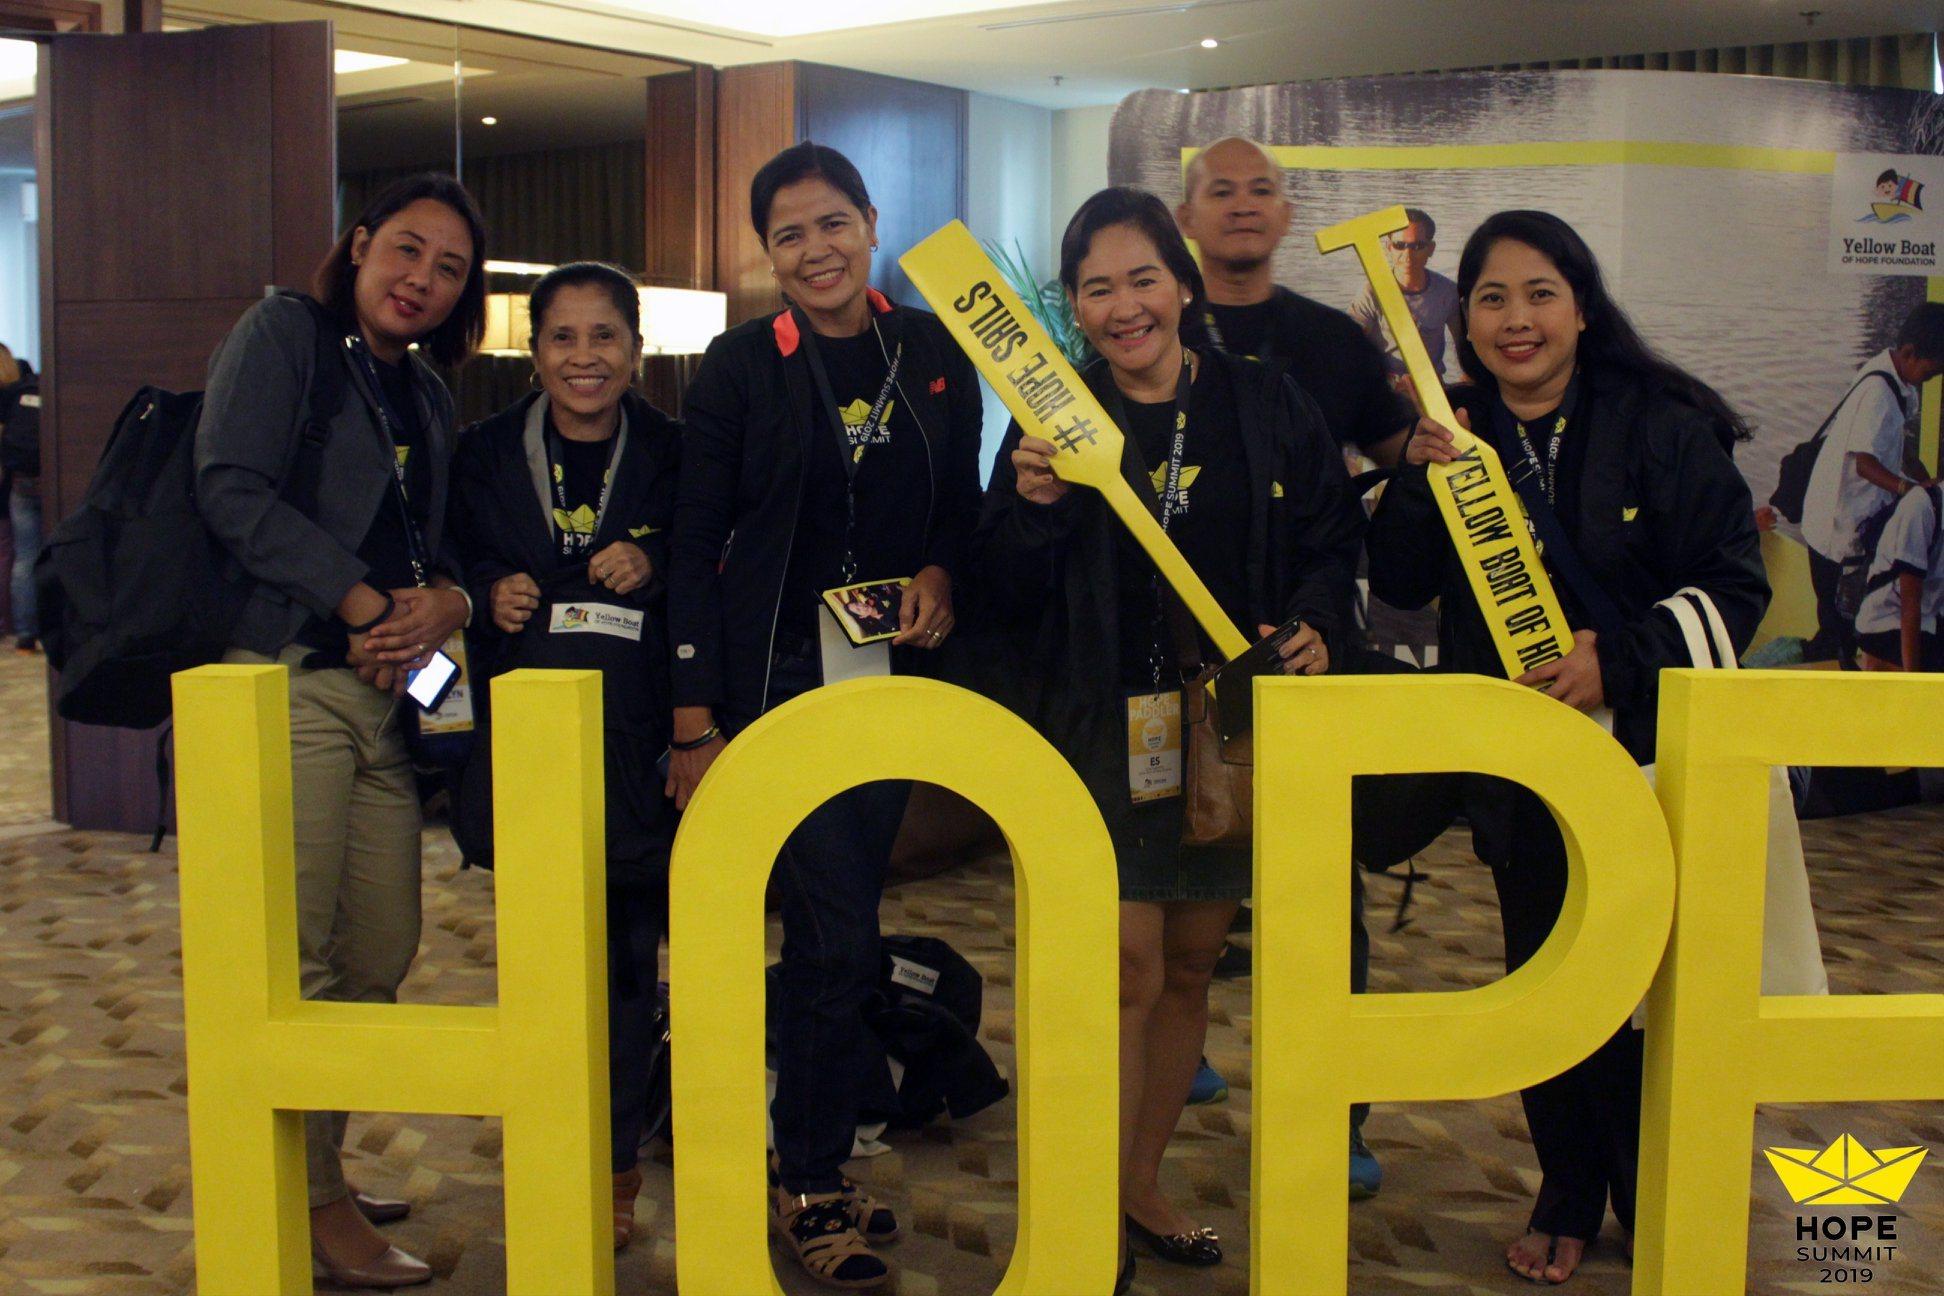 Hope Summit Yellow Boar Volunteers